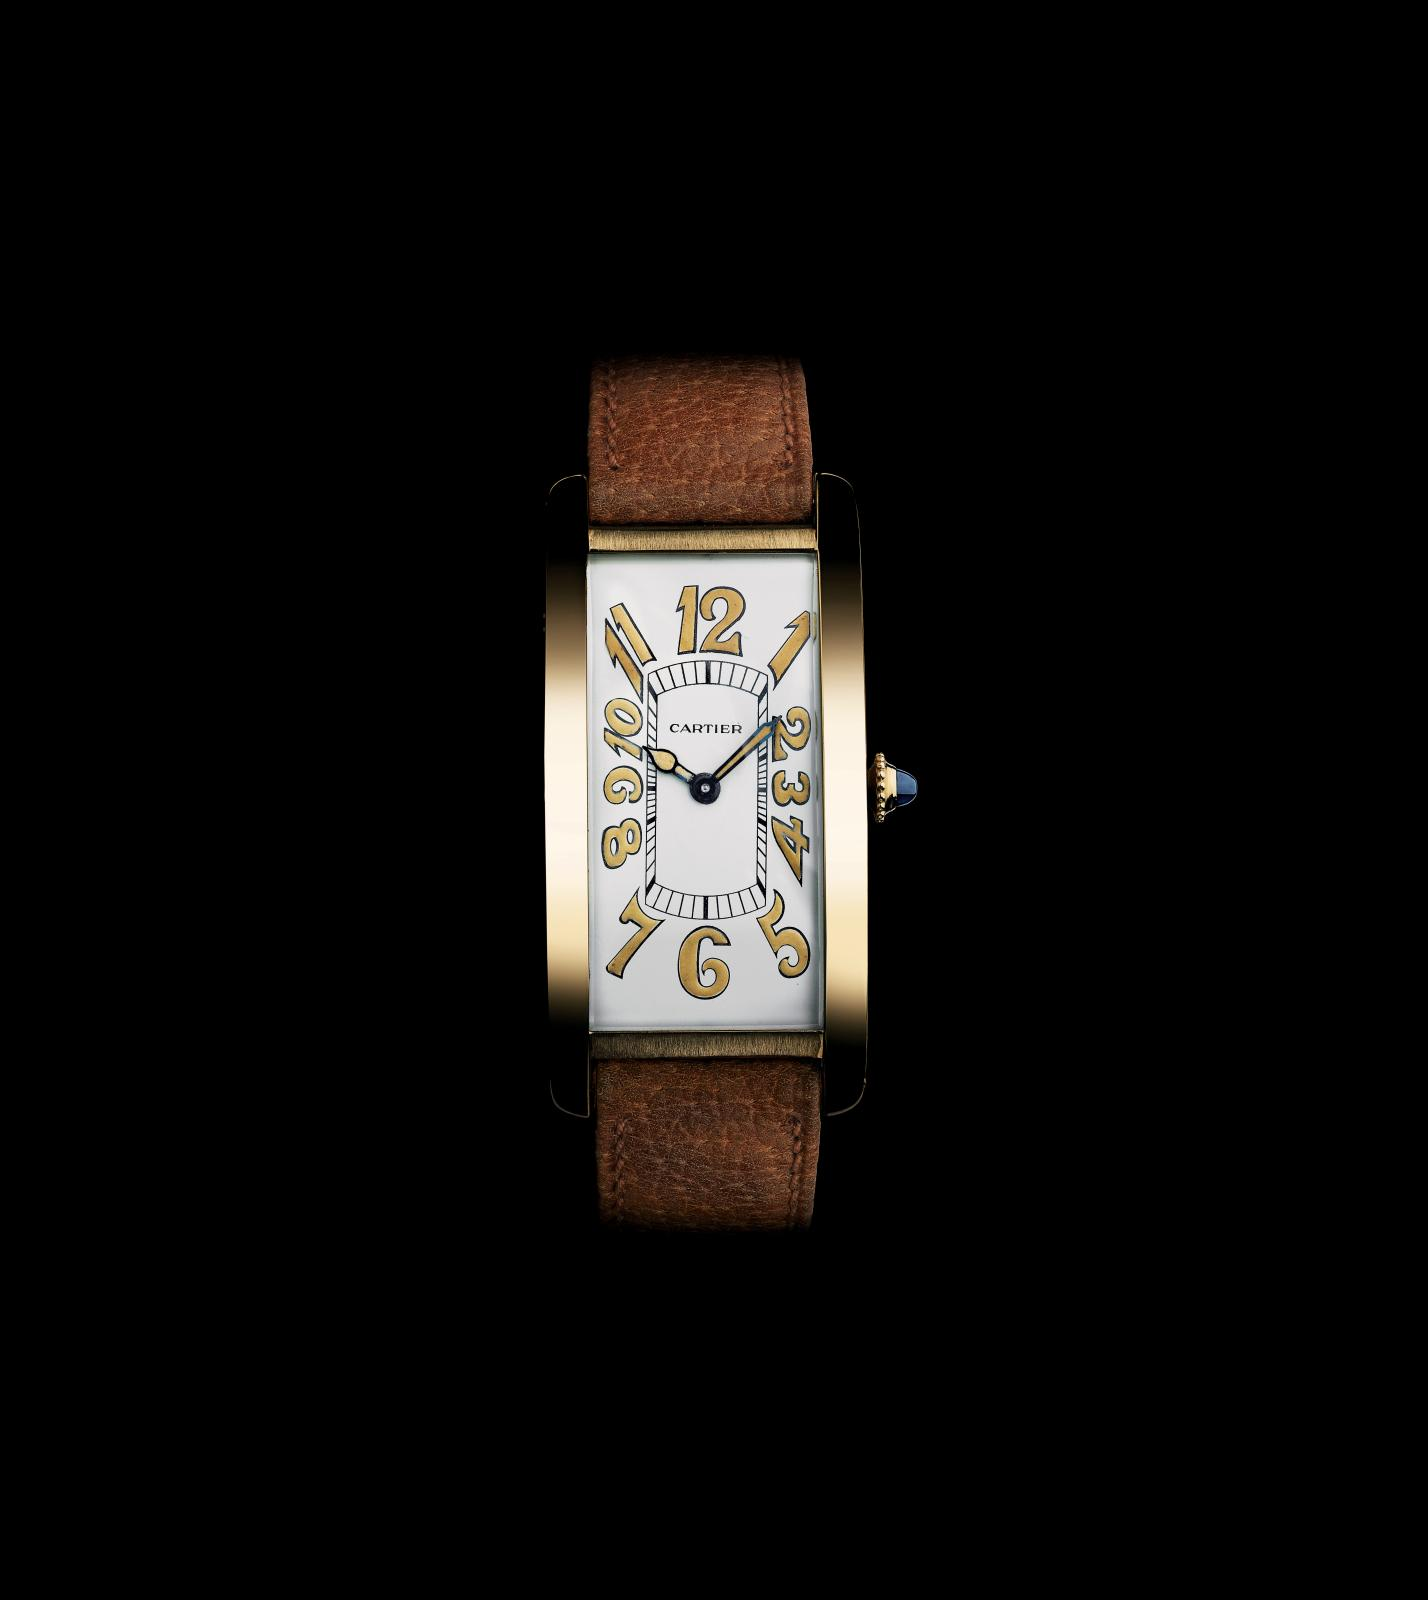 Montre-bracelet Tank cintrée, Cartier, Londres, 1929. Jaeger pour EWC. WCL 113 A29.